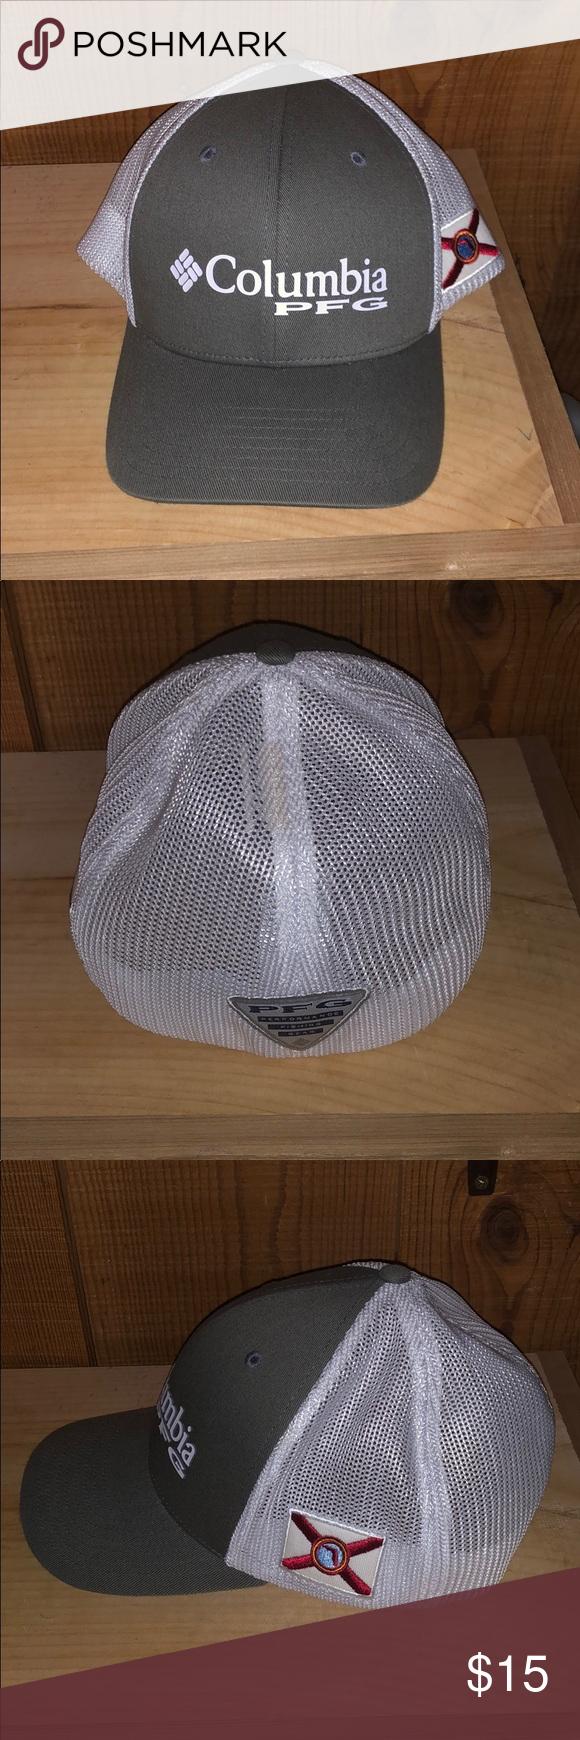 Men S Columbia Pfg Stretch Fit Hat Size L Xl Fitted Hats Hat Sizes Columbia Pfg